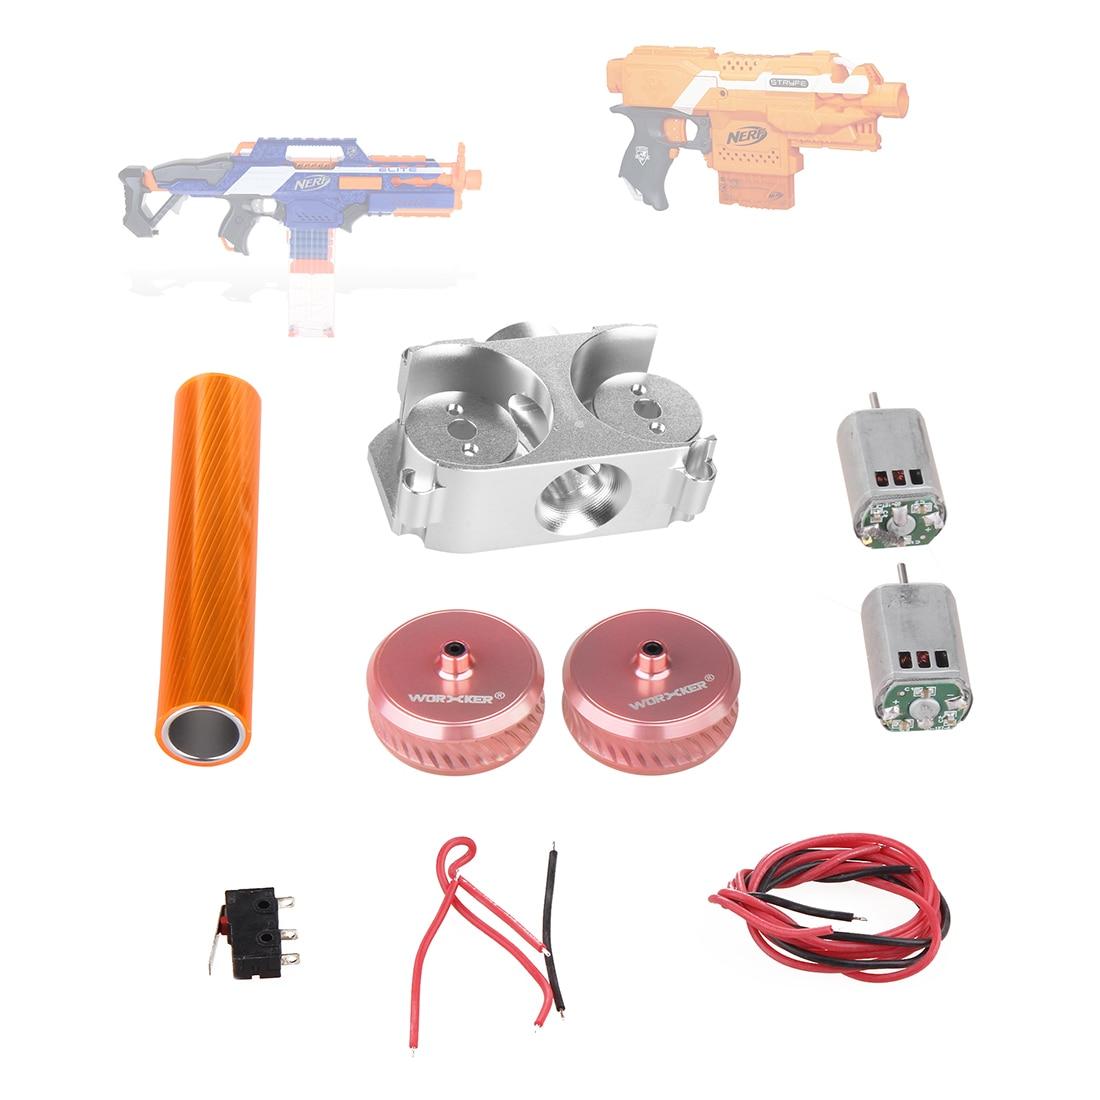 Worker Twill Metal Power Type Flywheel Set For Nerf N-Strike Elite Stryfe Blaster N-Strike Elite Rapidstrike CS-18 Blaster